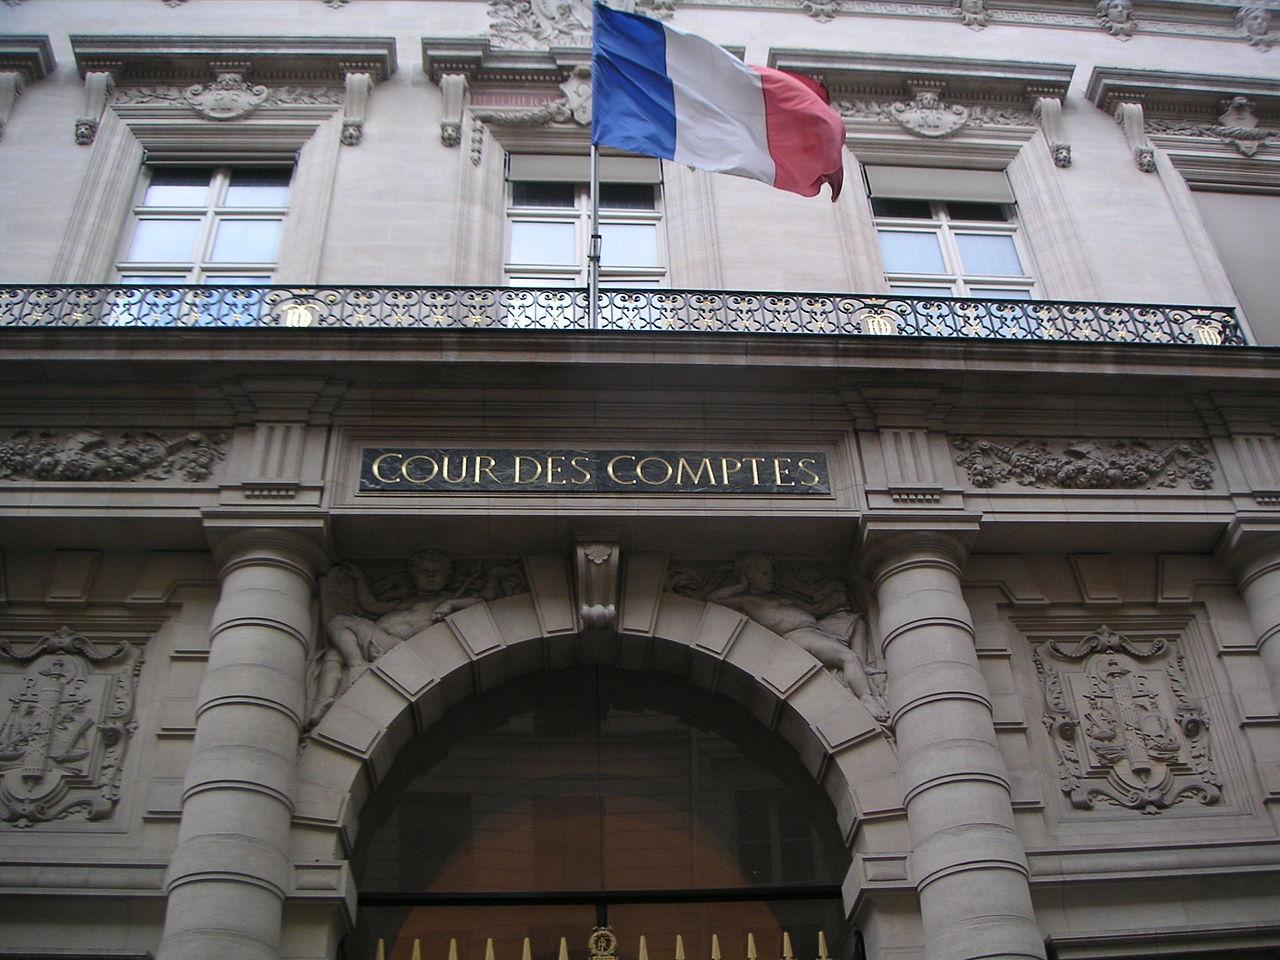 La Cour des Comptes a jugé que la comptable de Papeete était personnellement responsable de 47 millions de francs de recettes communales non recouvrées, dont elle a laissé les délais de prescription filer. (Crédit photo : partagée par TouN sous la licence GNU Free Documentation)